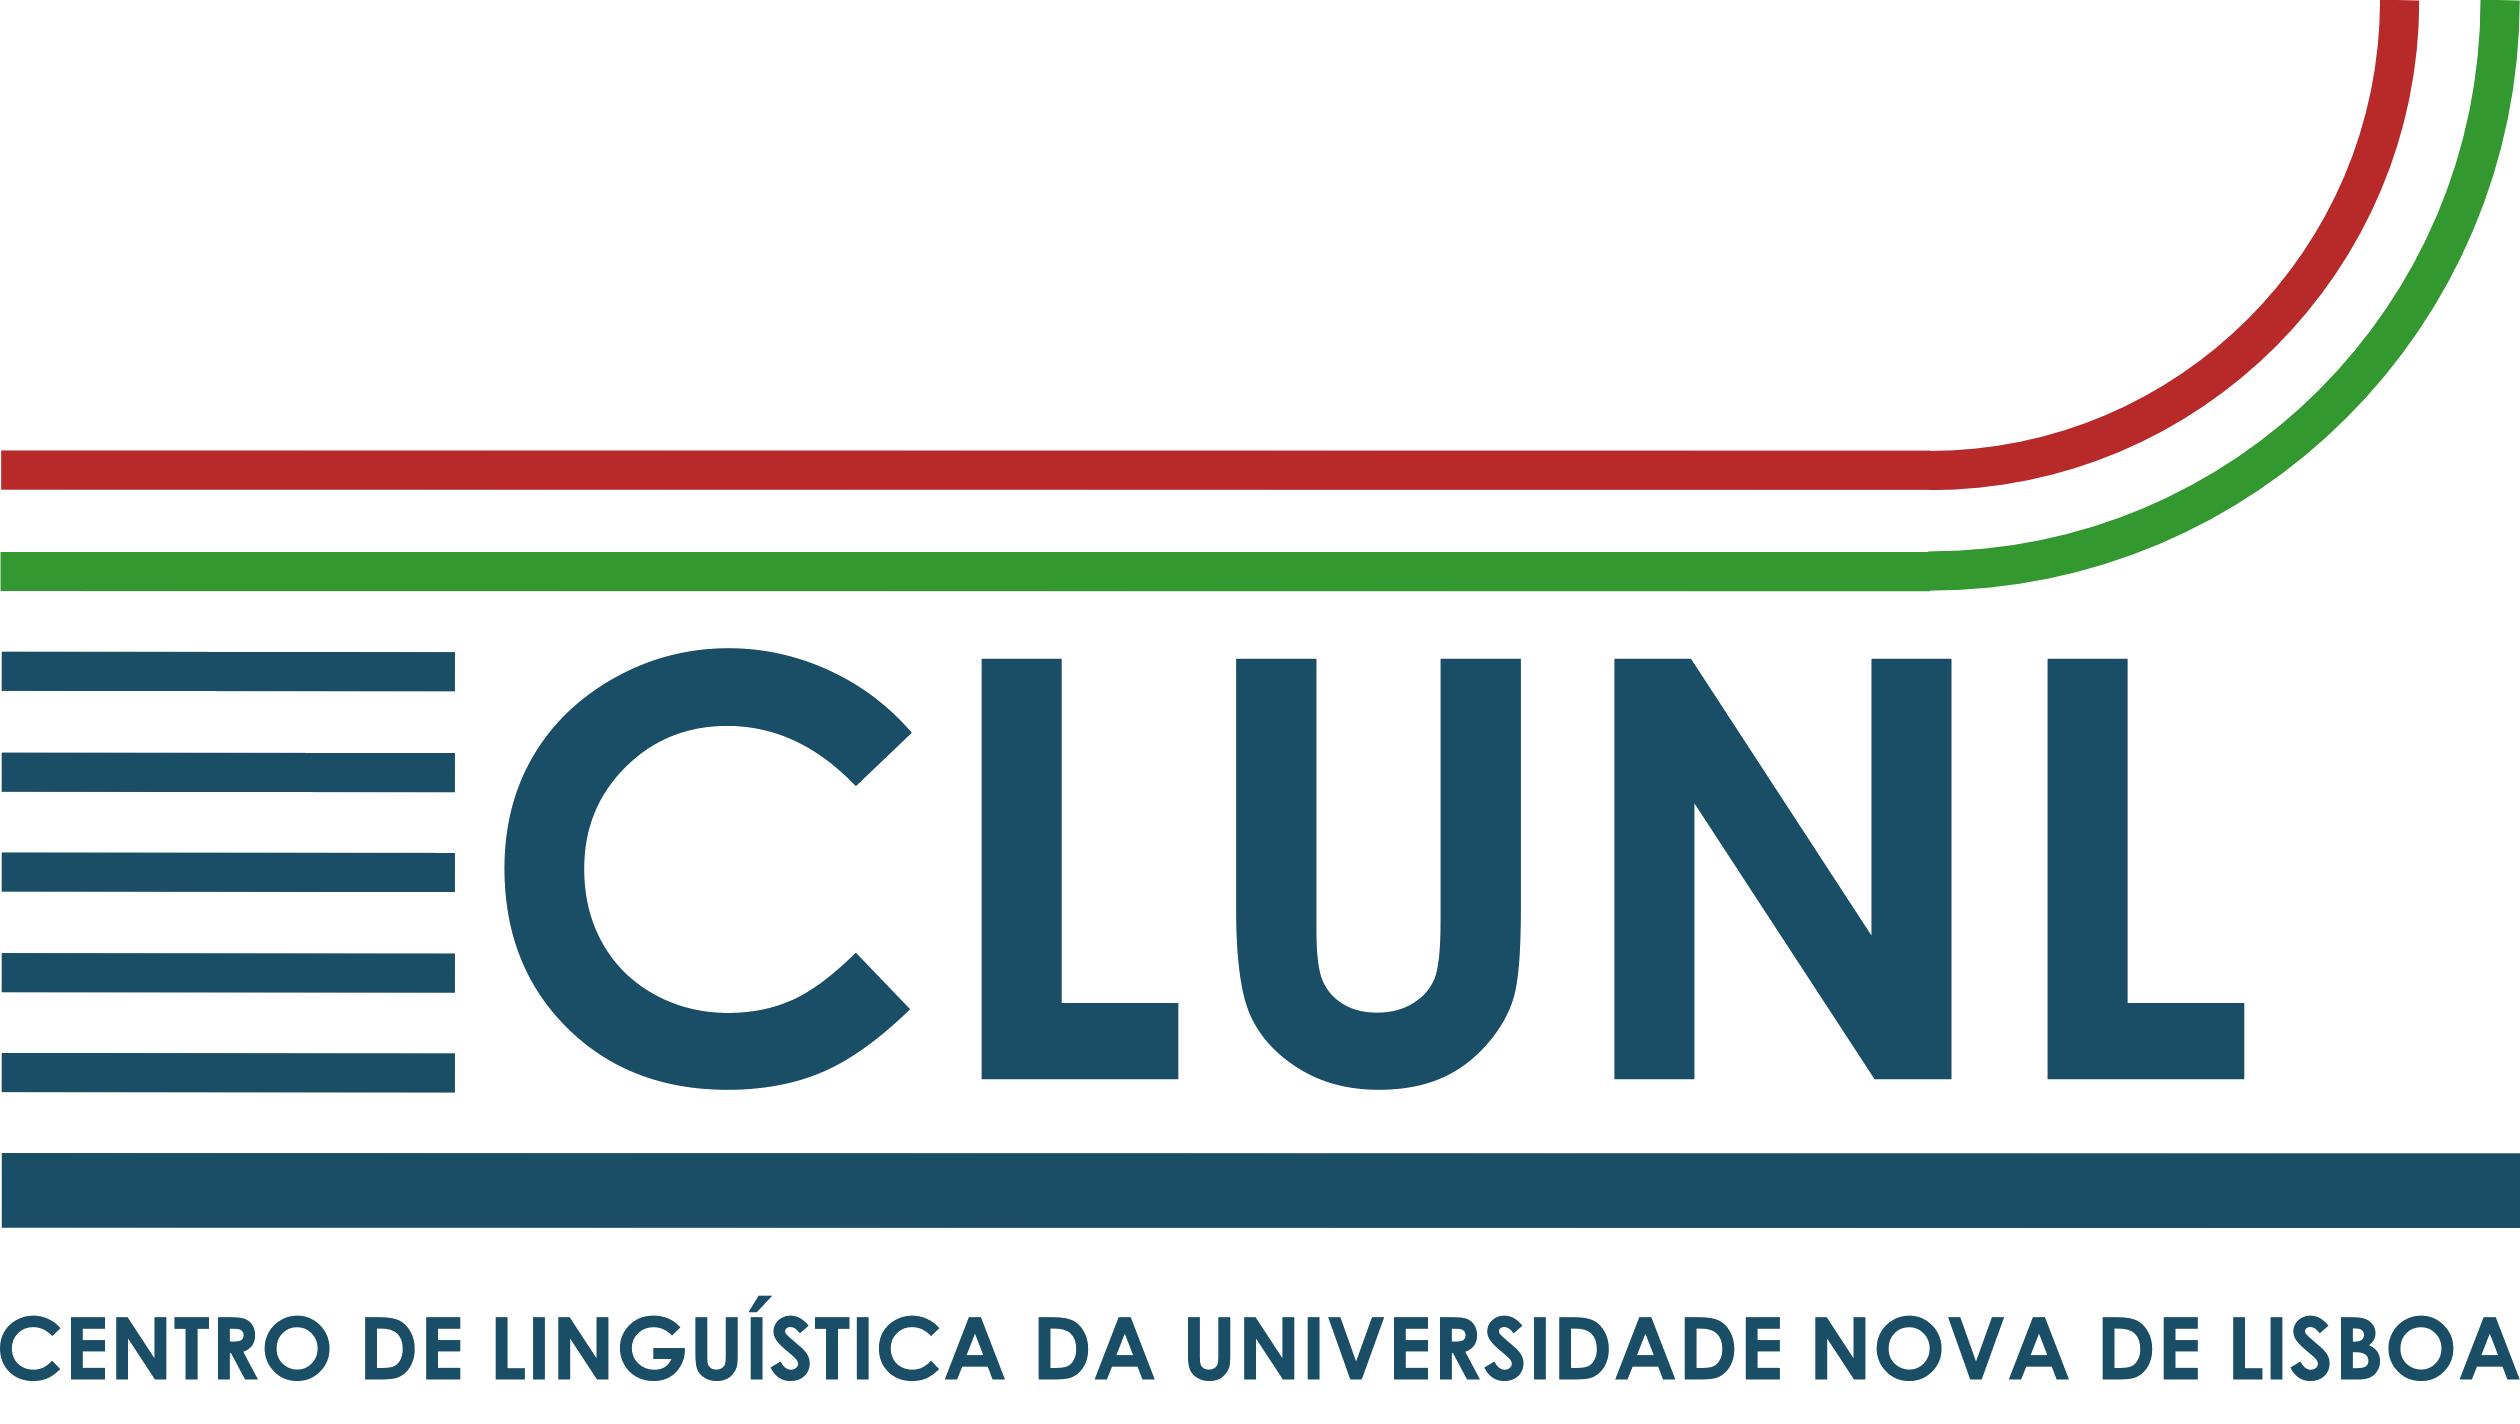 Centro de Linguística da Universidade NOVA de Lisboa (CLUNL)